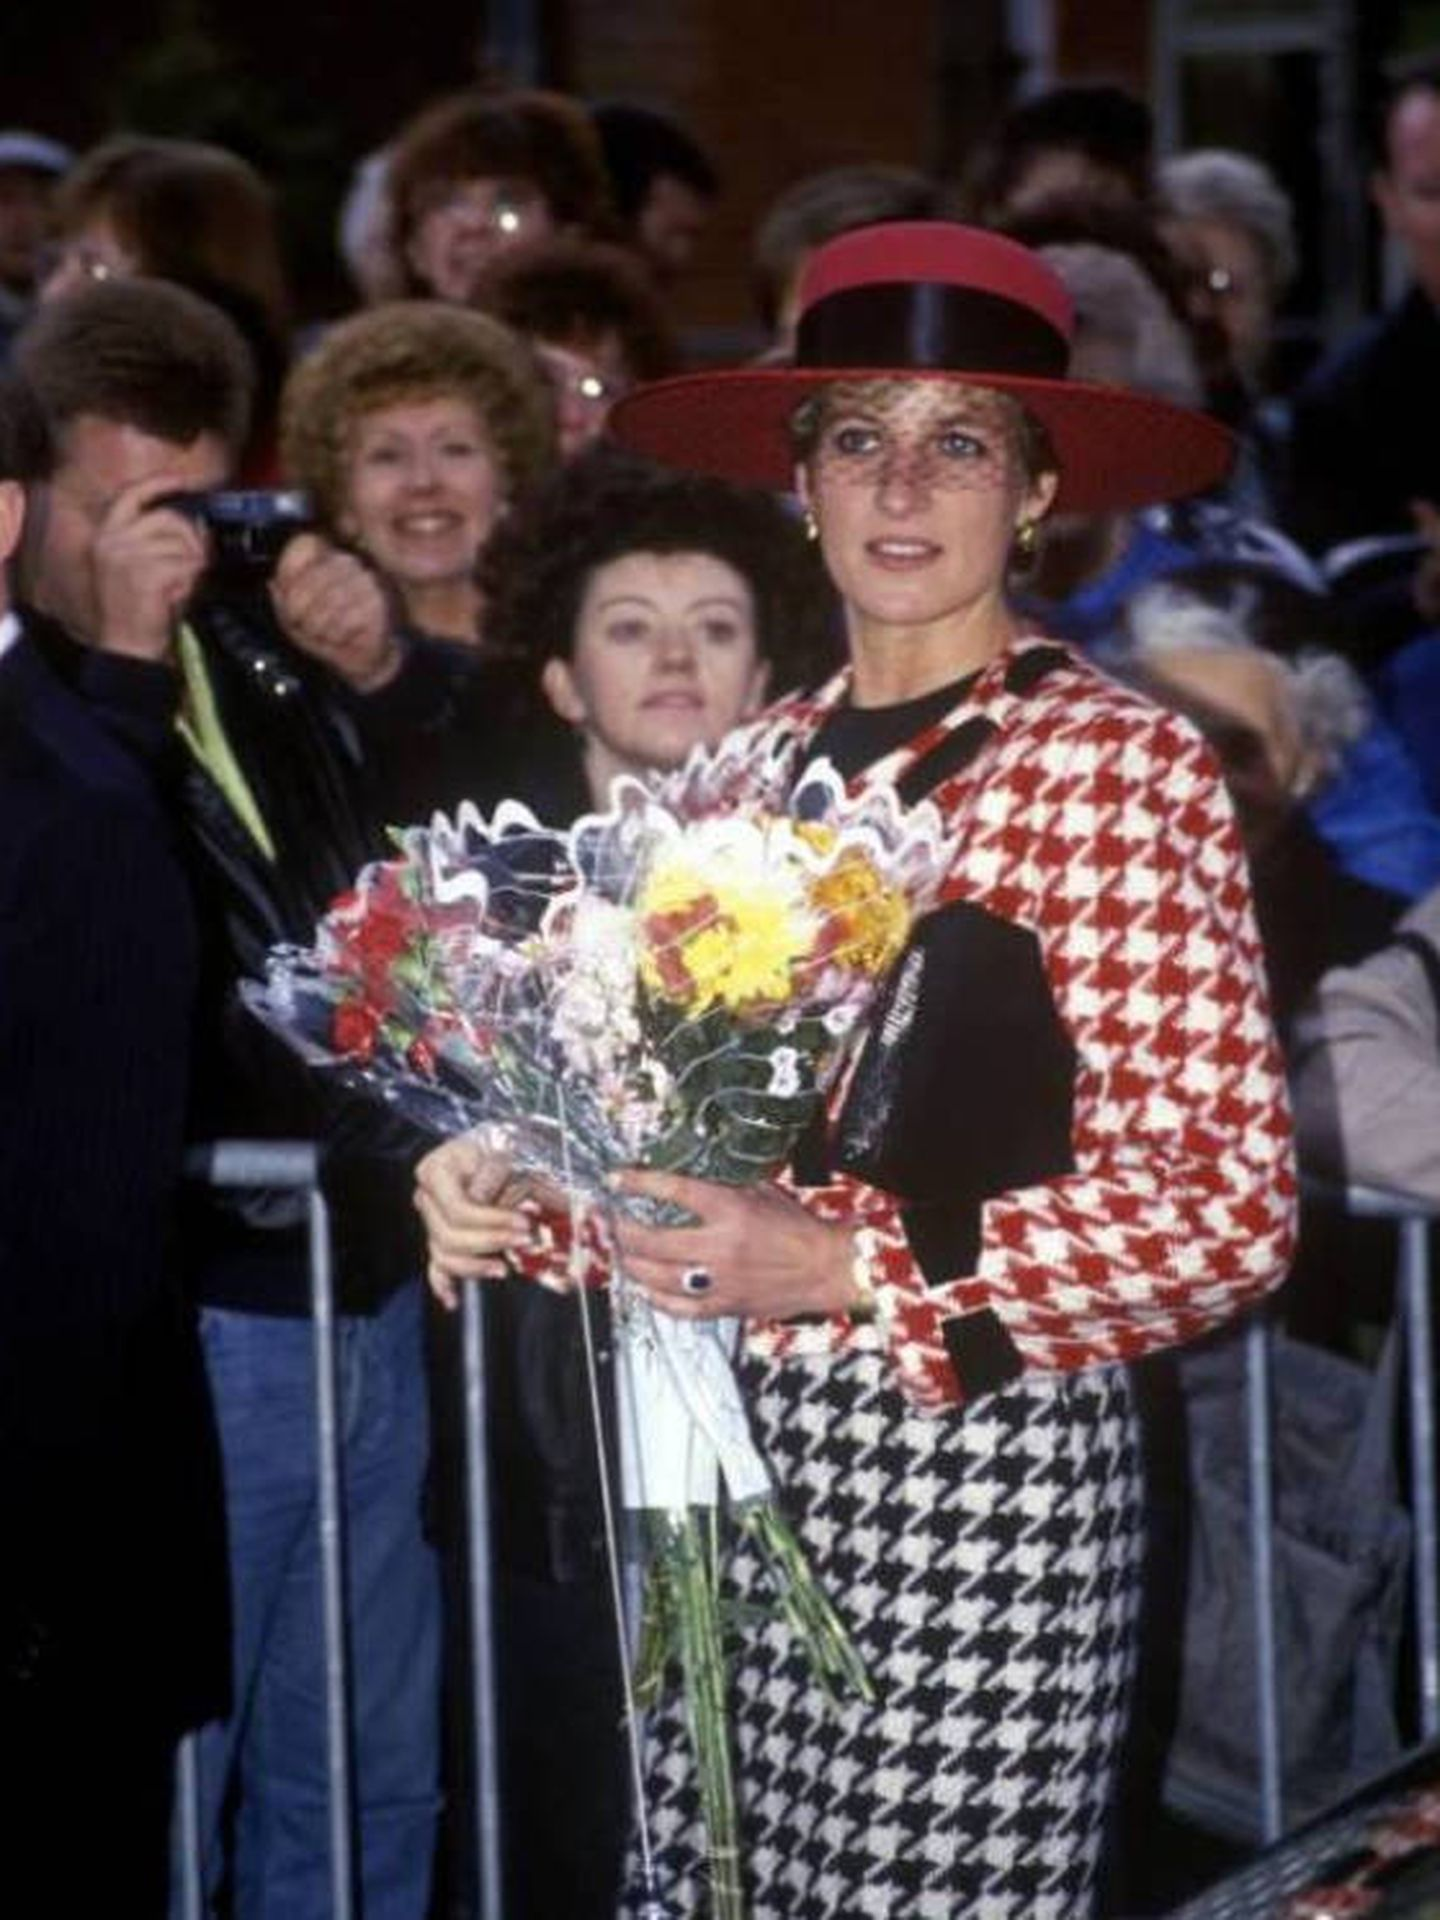 Diana de Gales, con un total look de pata de gallo. (Cordon Press)